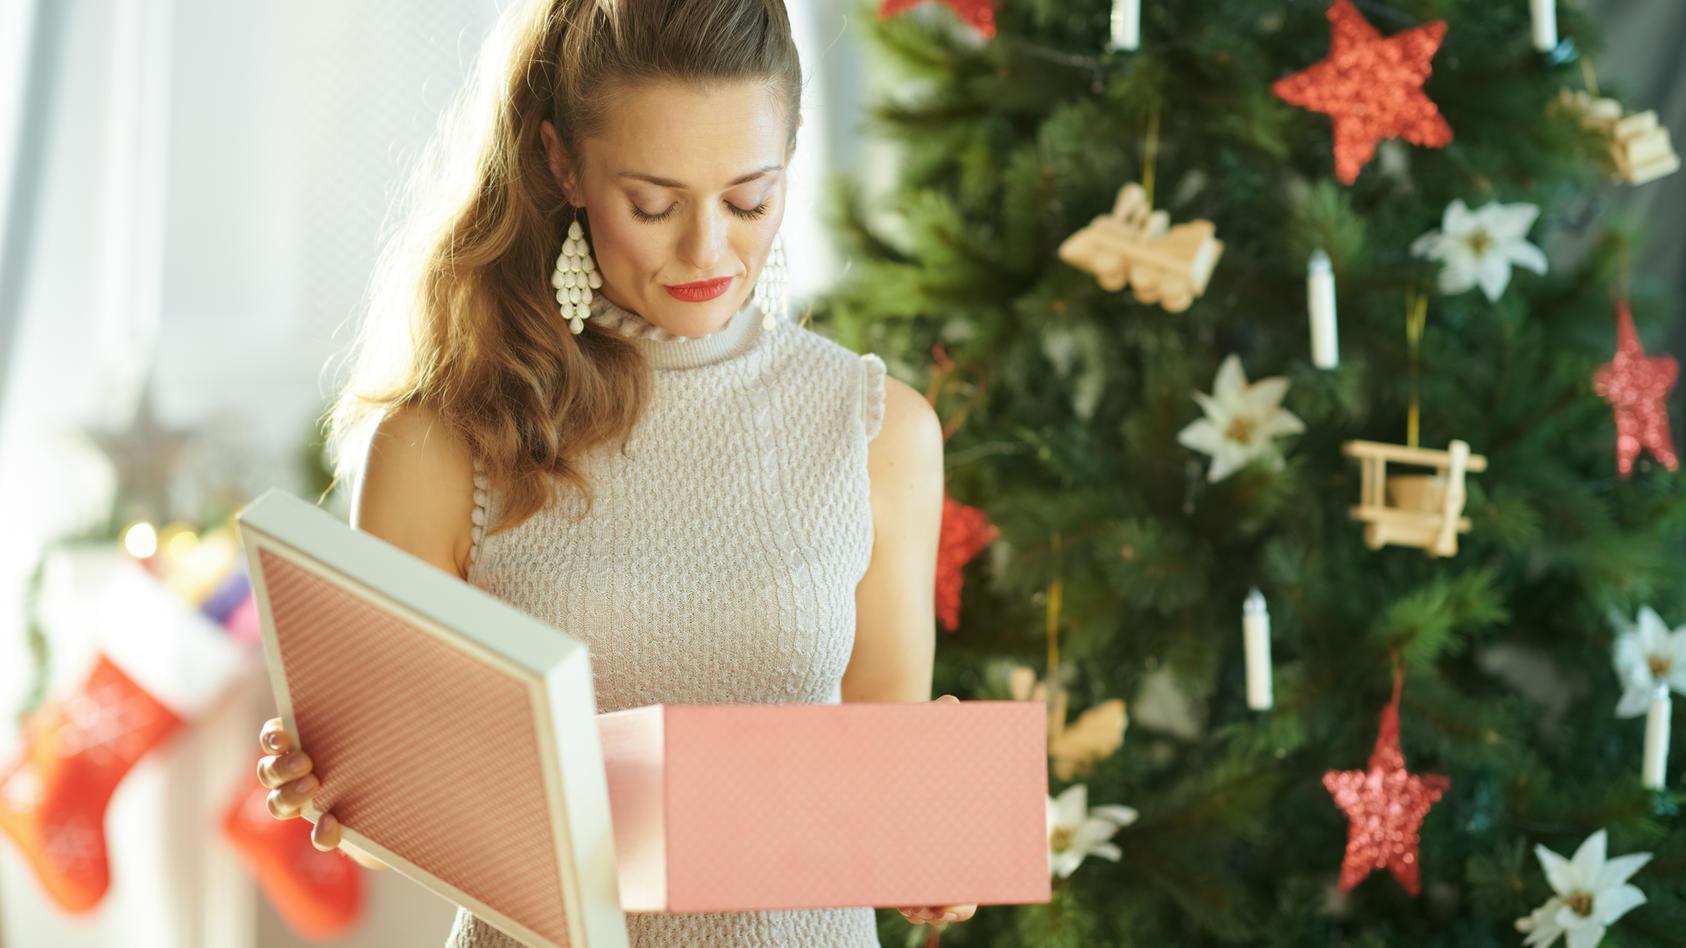 Wer mit einem Weihnachtsgeschenk unzufrieden ist, kann es wieder verkaufen.